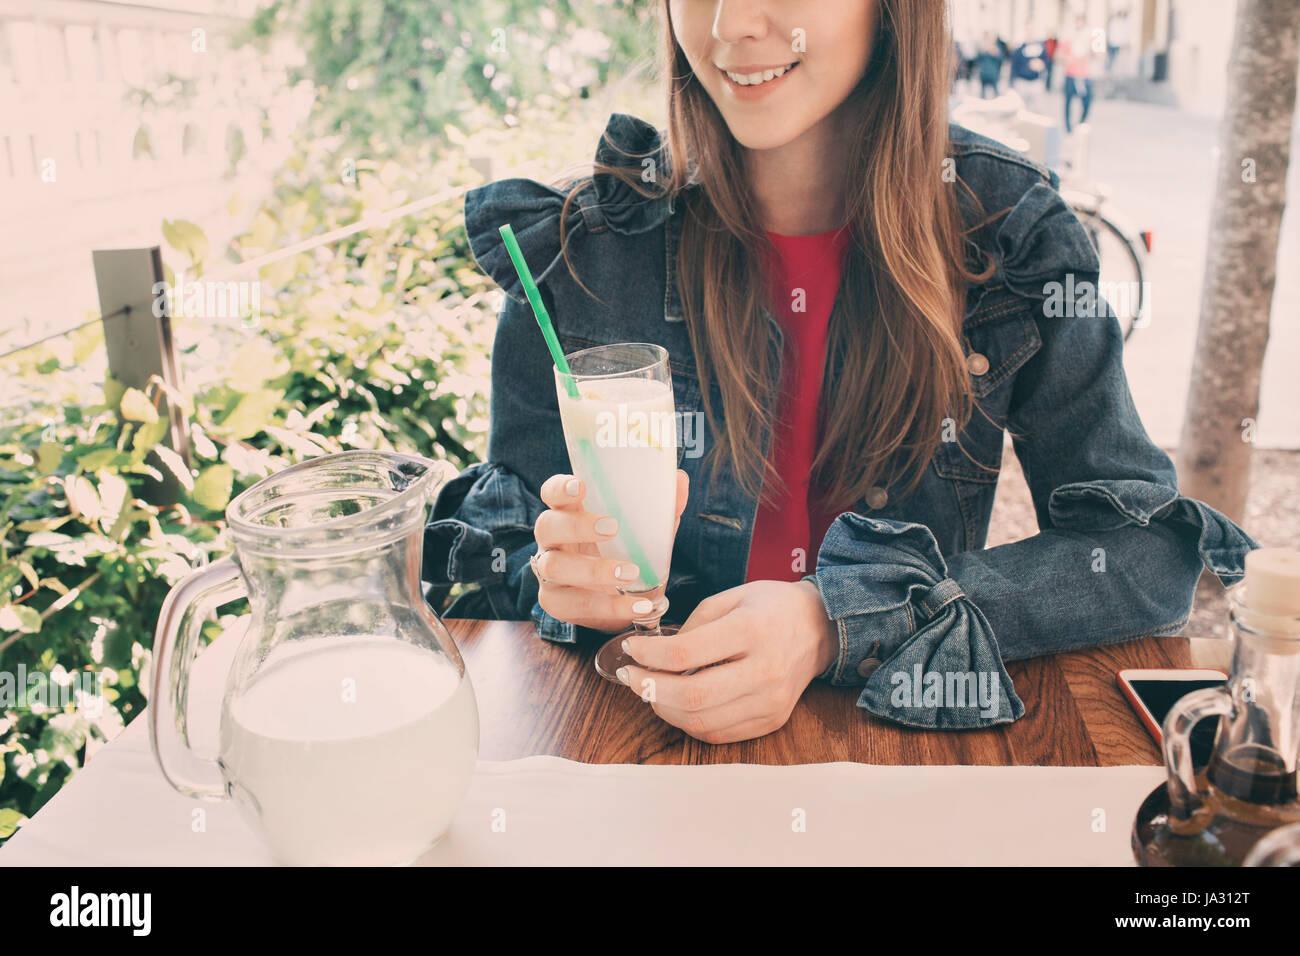 Chica sonriente joven bebiendo sabrosos cócteles dulces , increíble día de relax, deliciosa limonada, Imagen De Stock